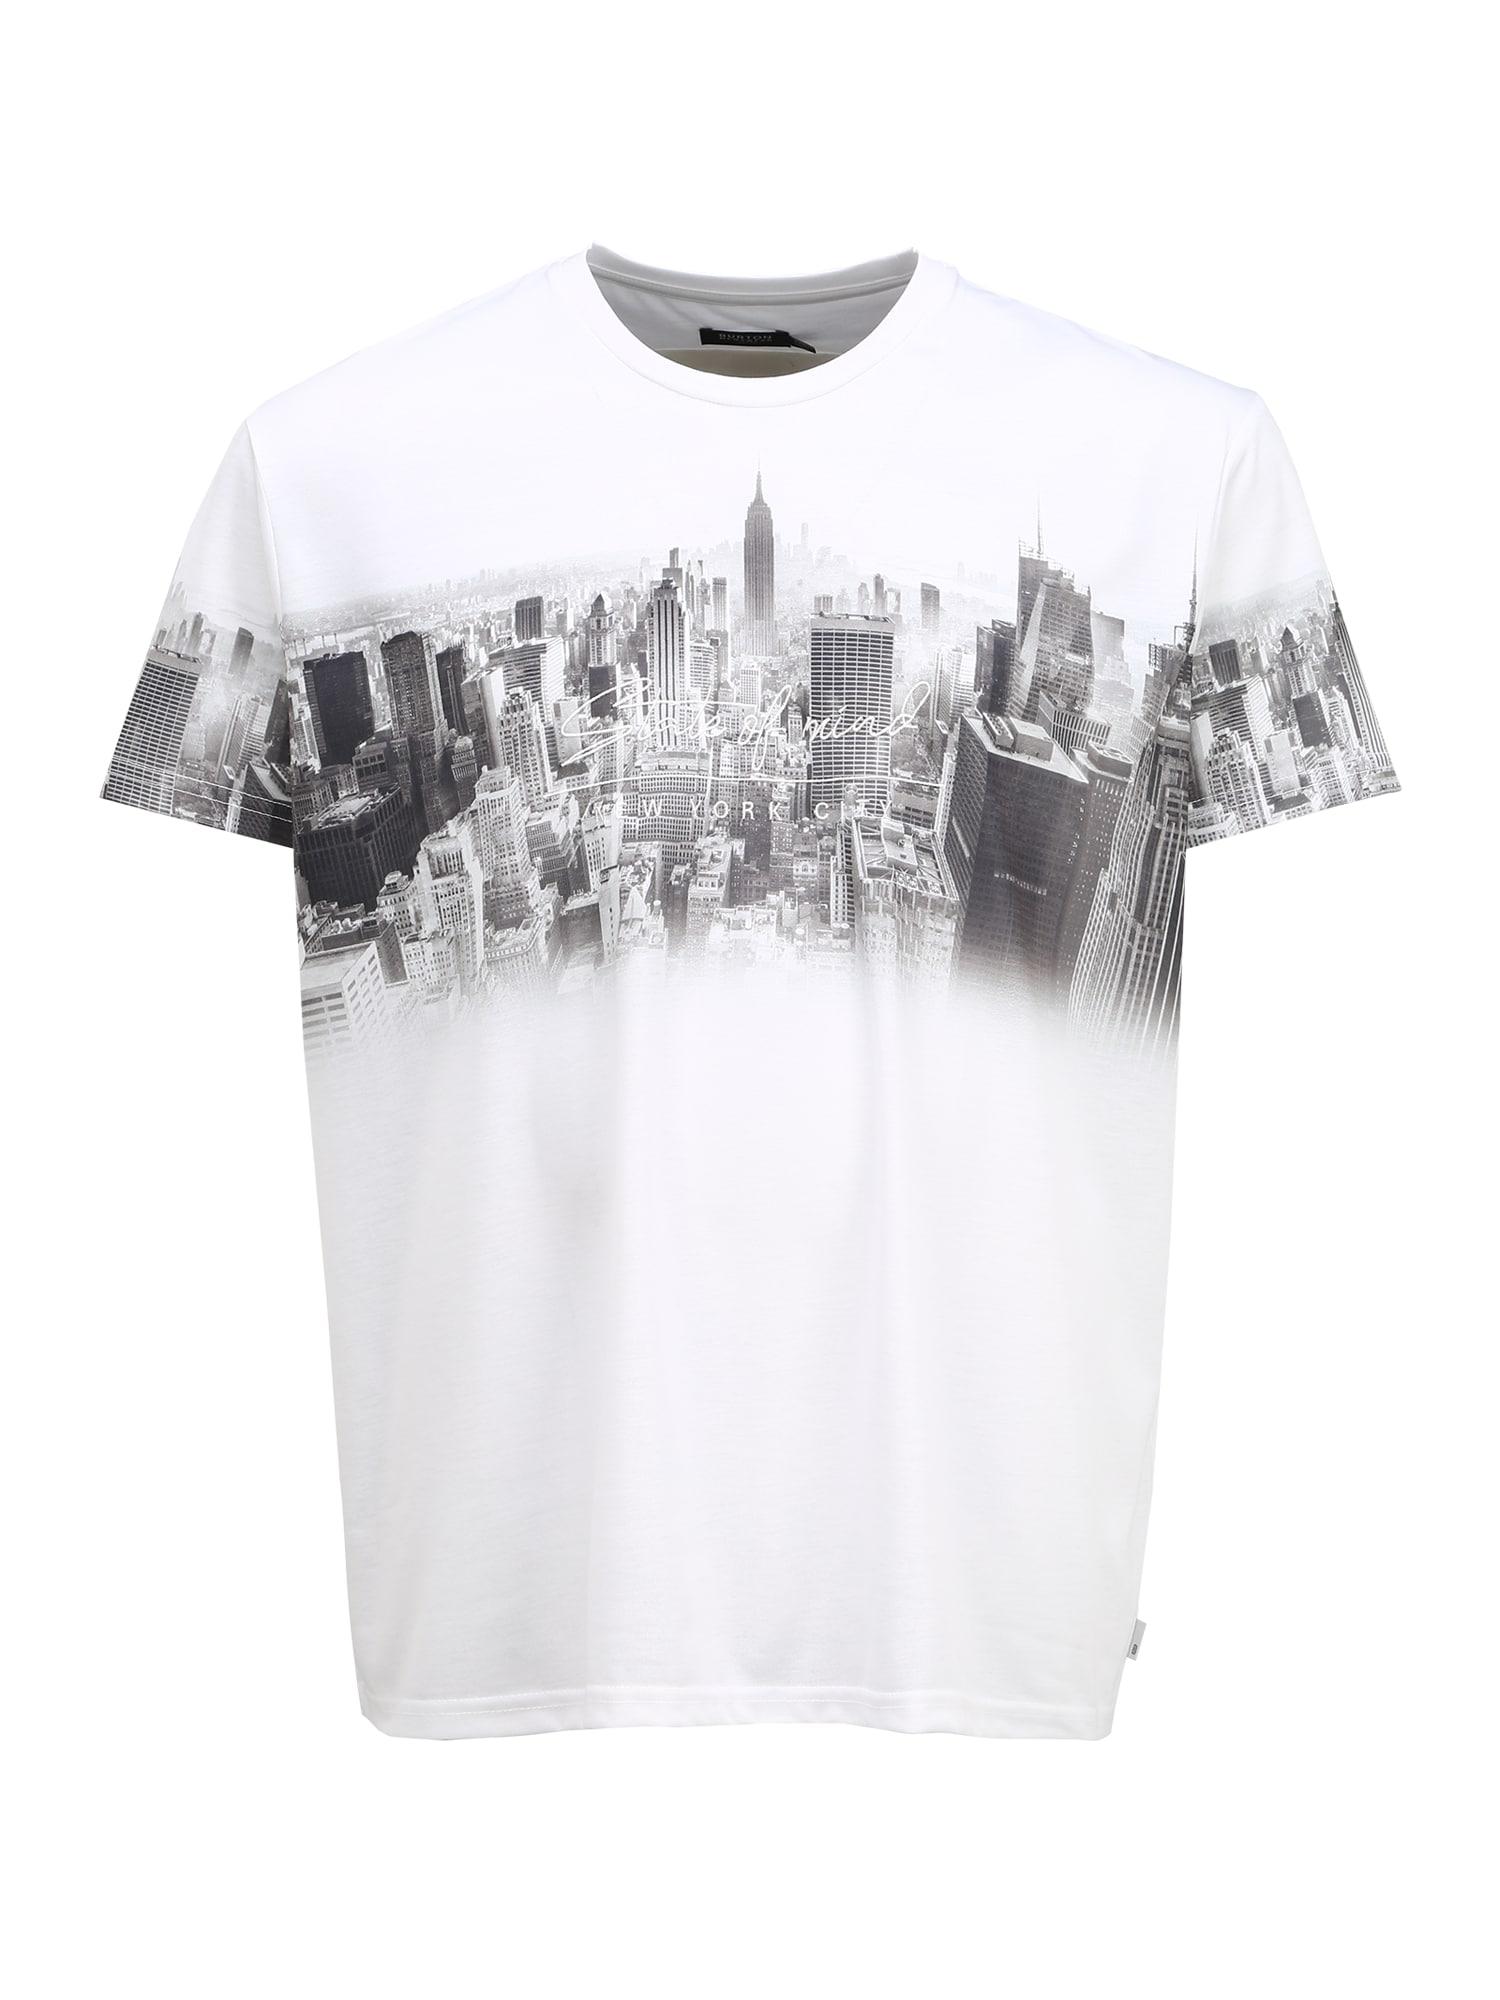 BURTON MENSWEAR LONDON (Big & Tall) Tričko 'Big and Tall White New York'  biela / čierna